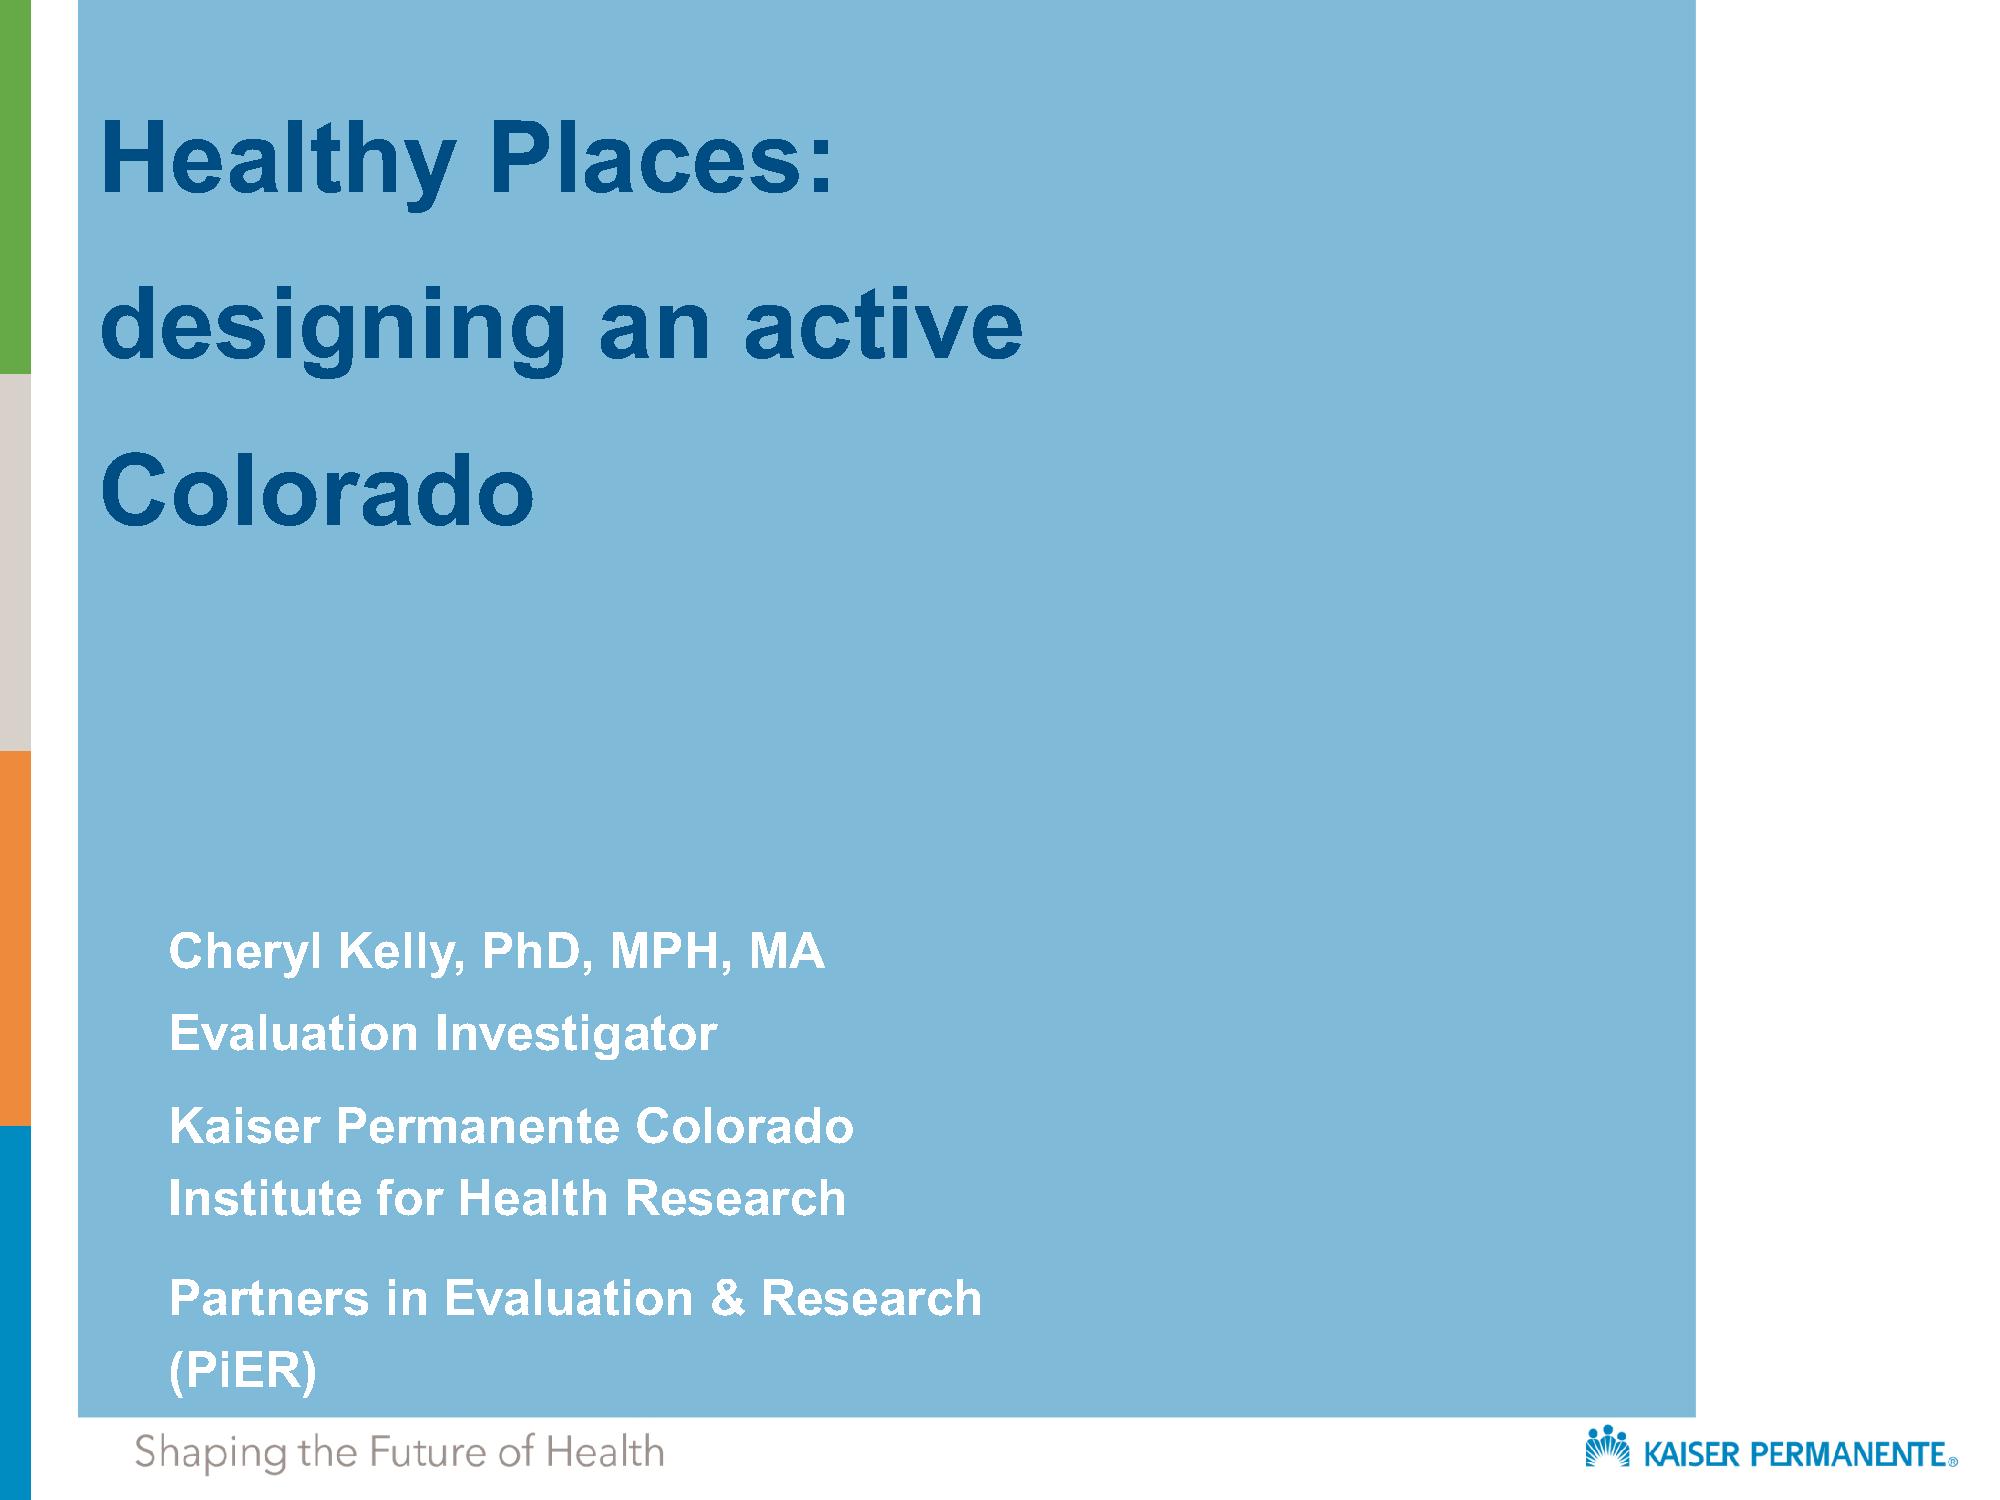 Healthy Places Evaluation Presentation 2018